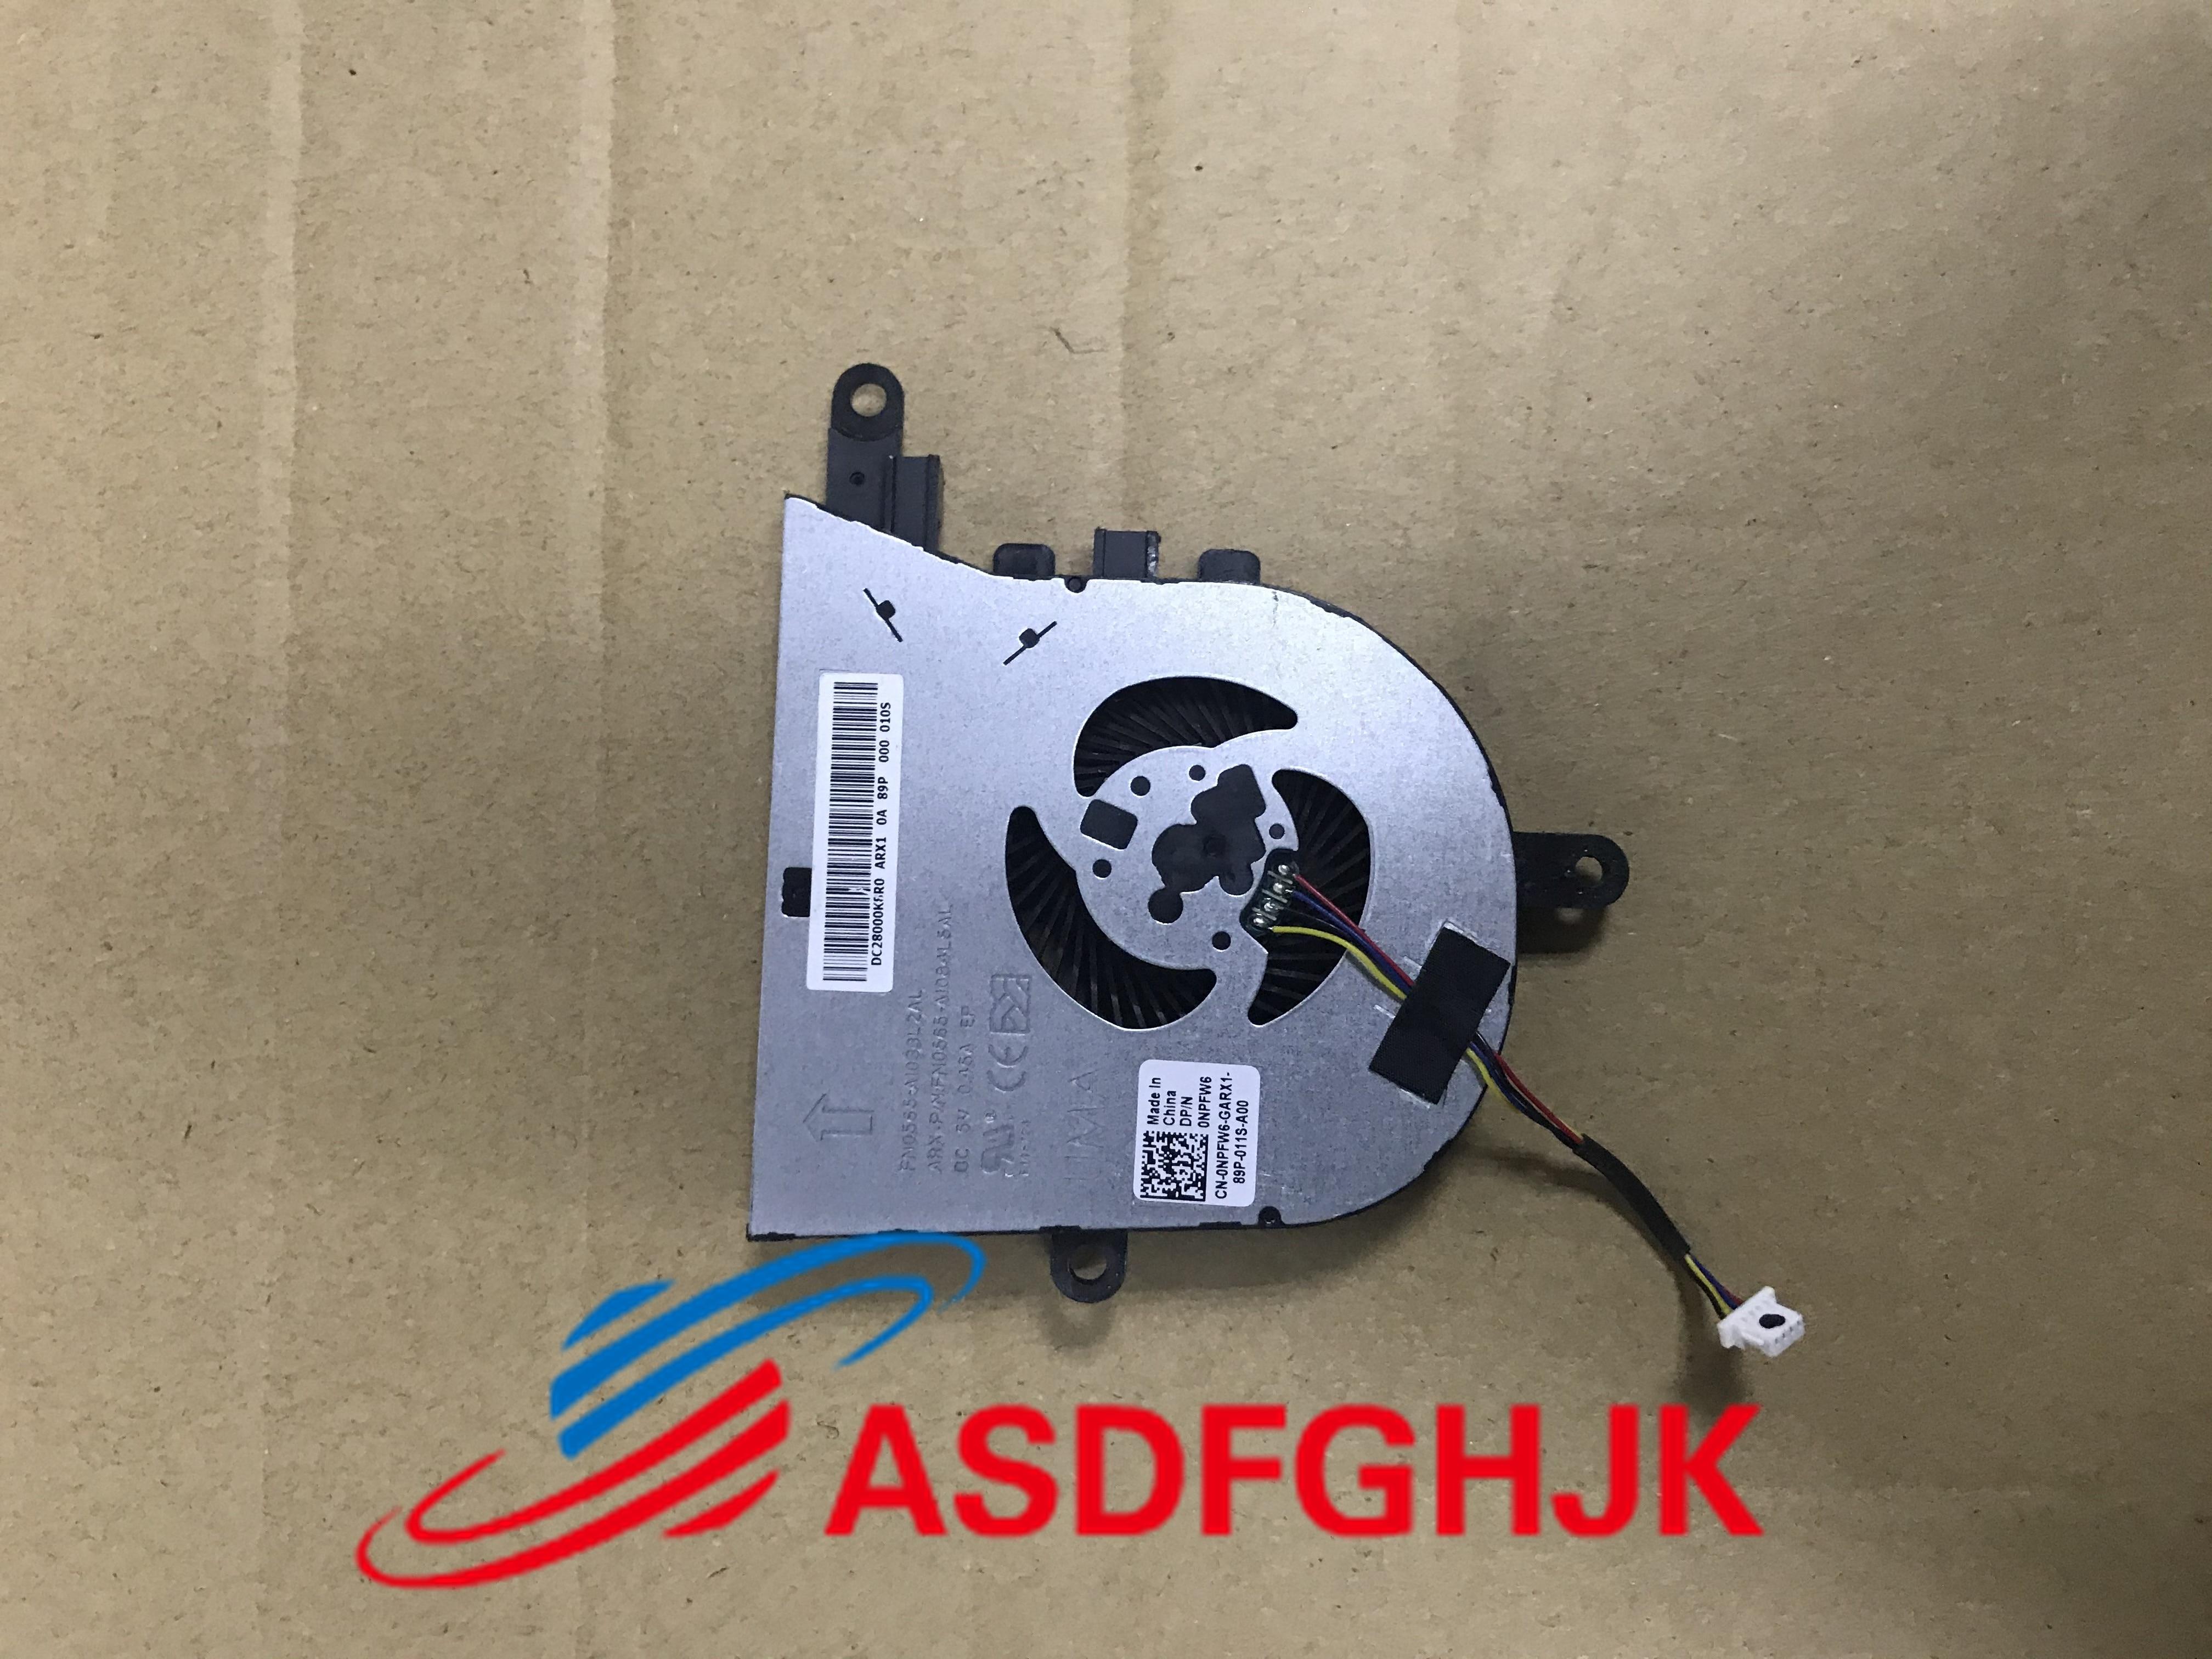 Ventilador original para dell latitude 3590 inspiron 15 (5570) ventilador npfw6 0npfw6 CN-0NPFW6 100% tesed ok